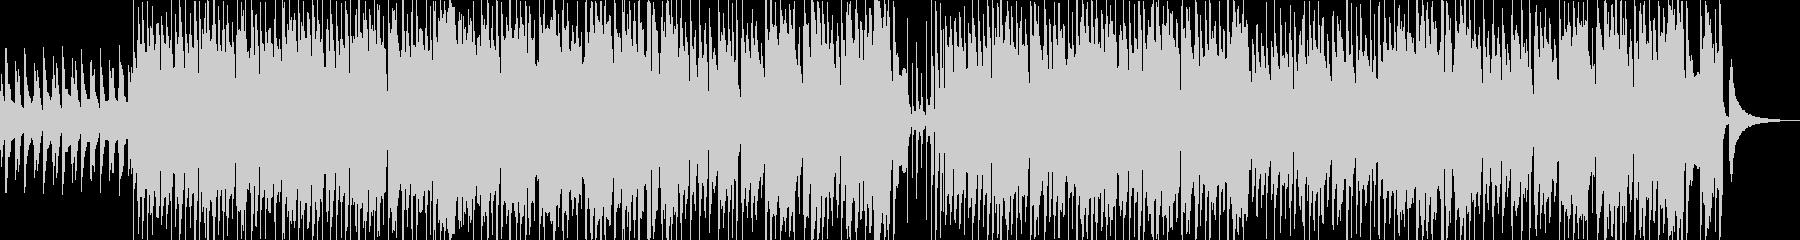 ウクレレと口笛のハッピーなインストの未再生の波形